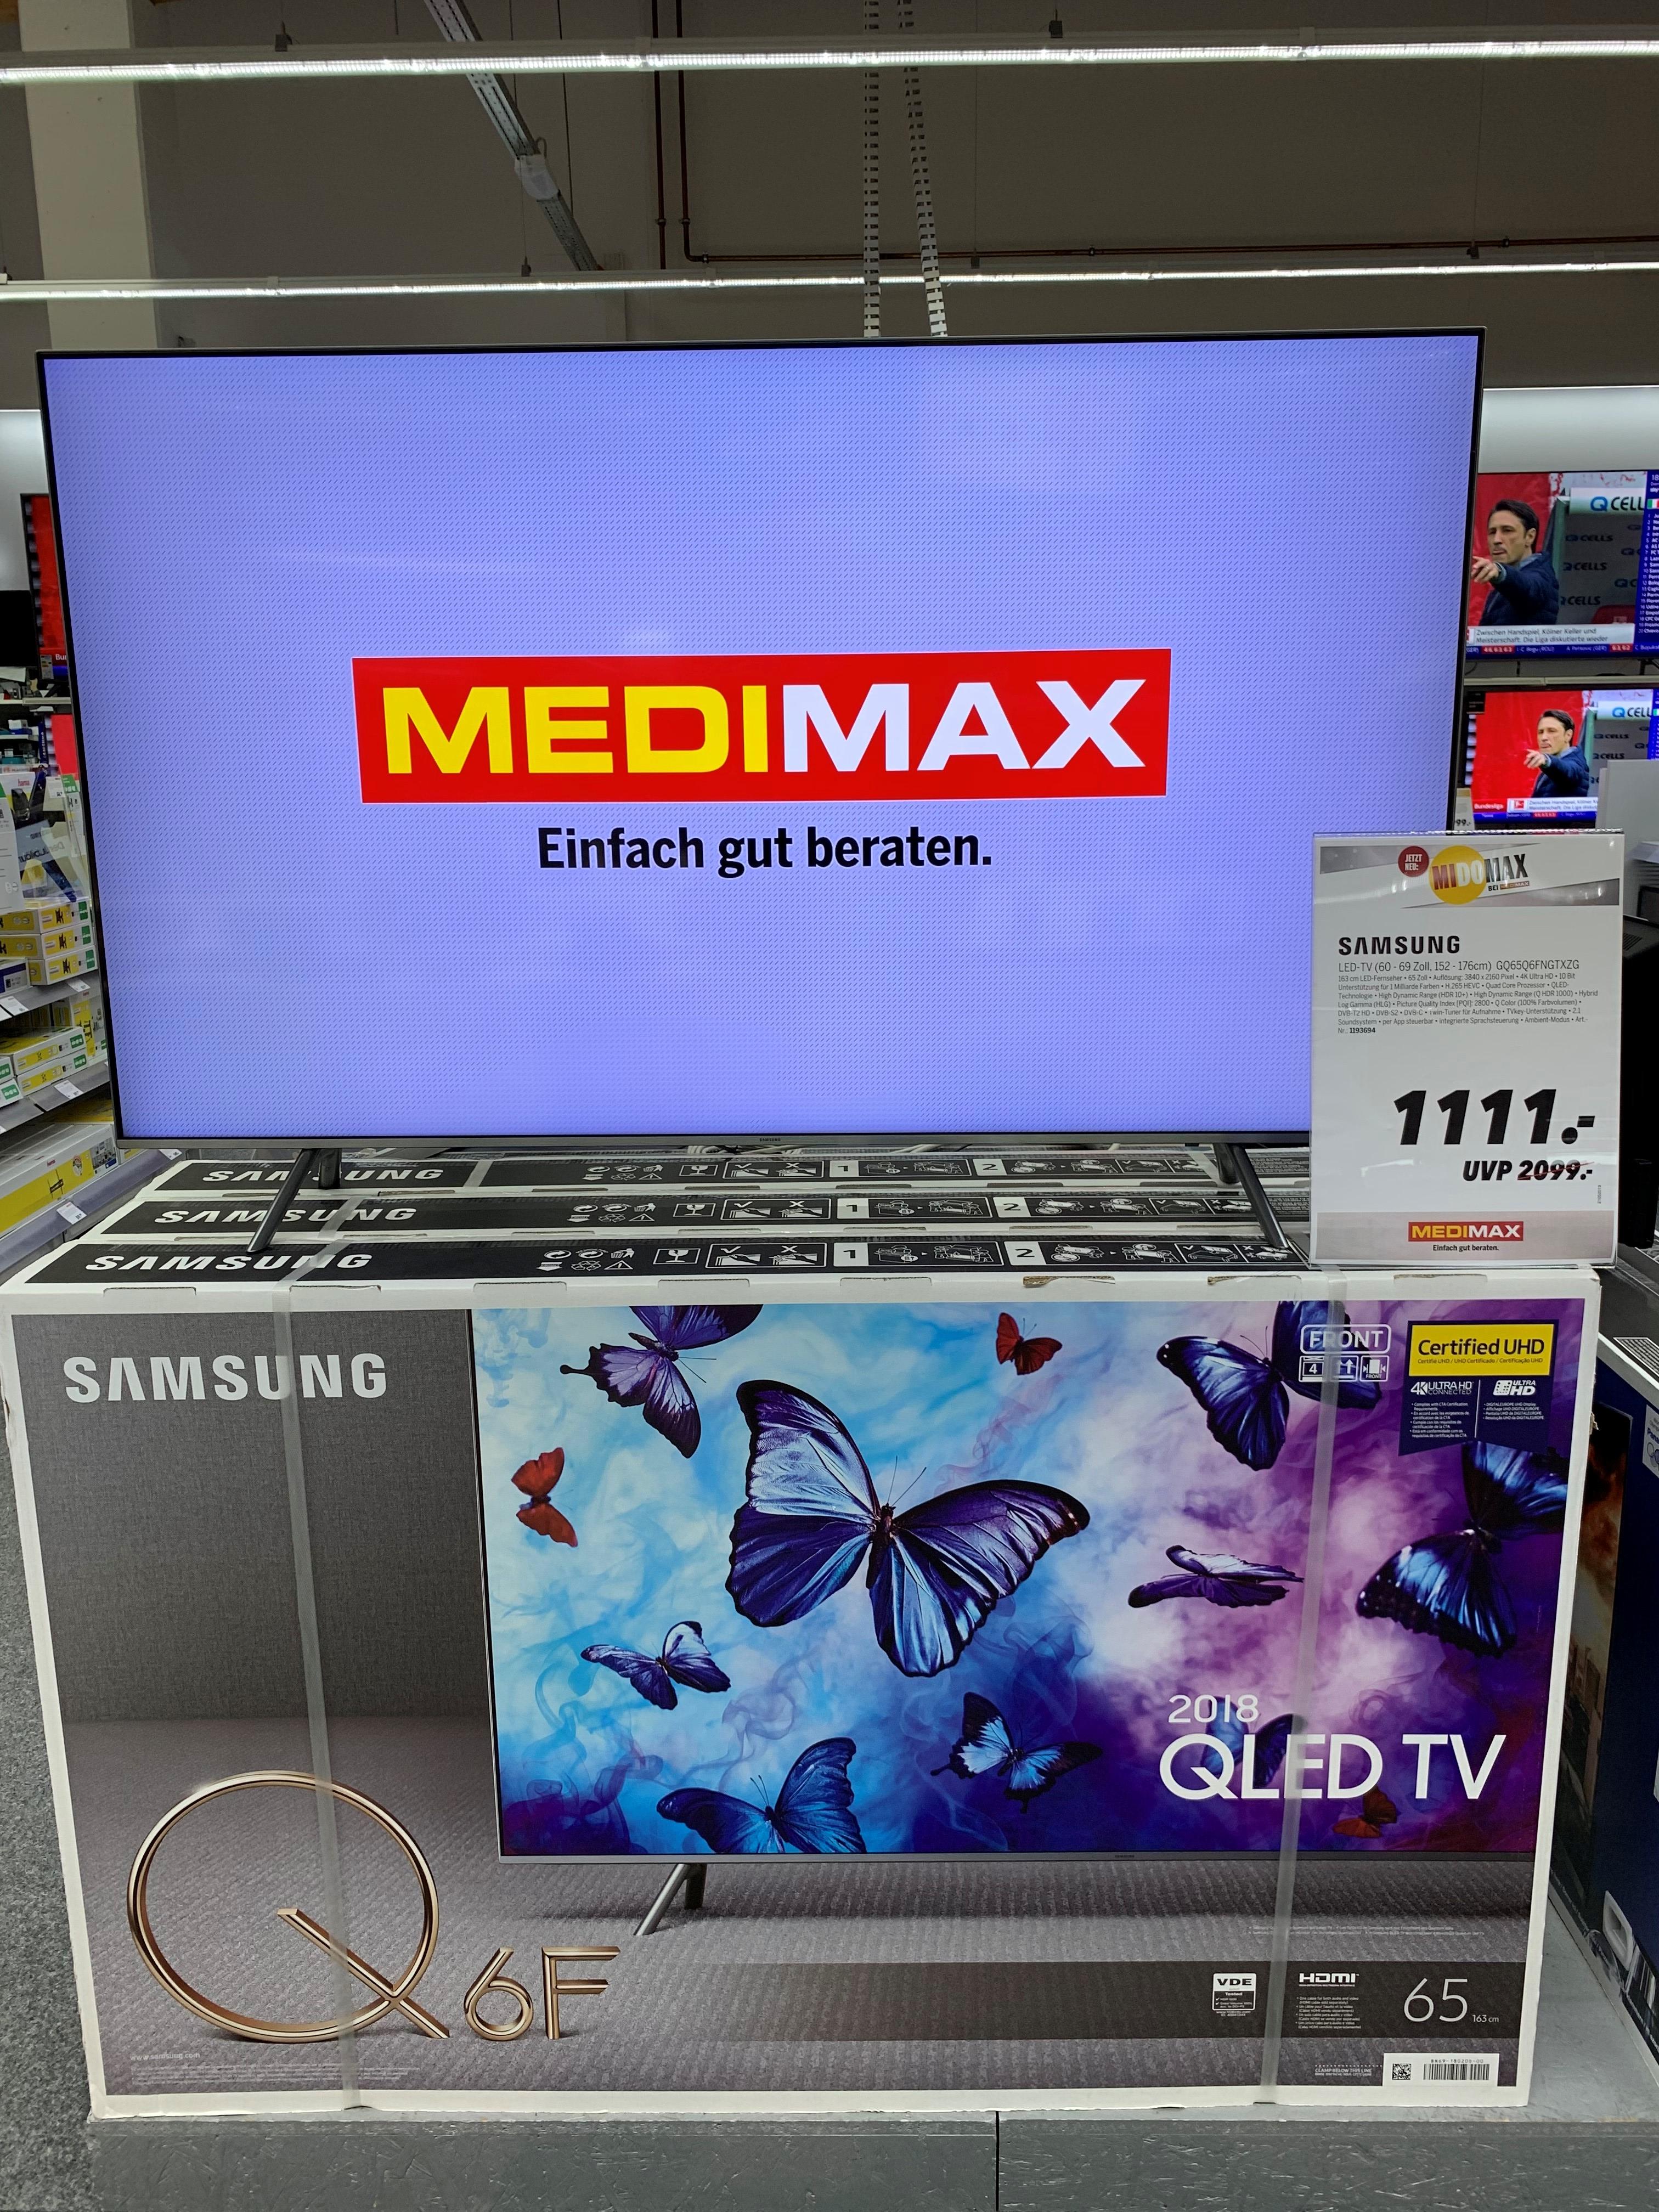 [LOKAL Medimax Offenburg] Samsung GQ65Q6FN QLED TV-Gerät